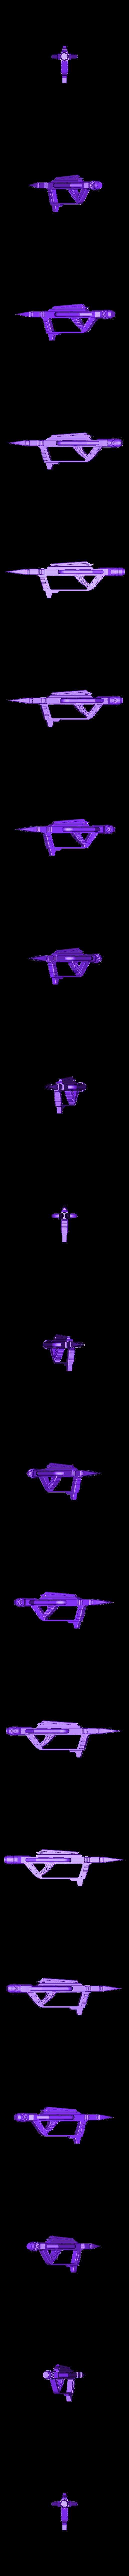 Compression_rifle_v2_whole.stl Download free STL file Star Trek Voyager Compression Rifle • 3D print design, poblocki1982